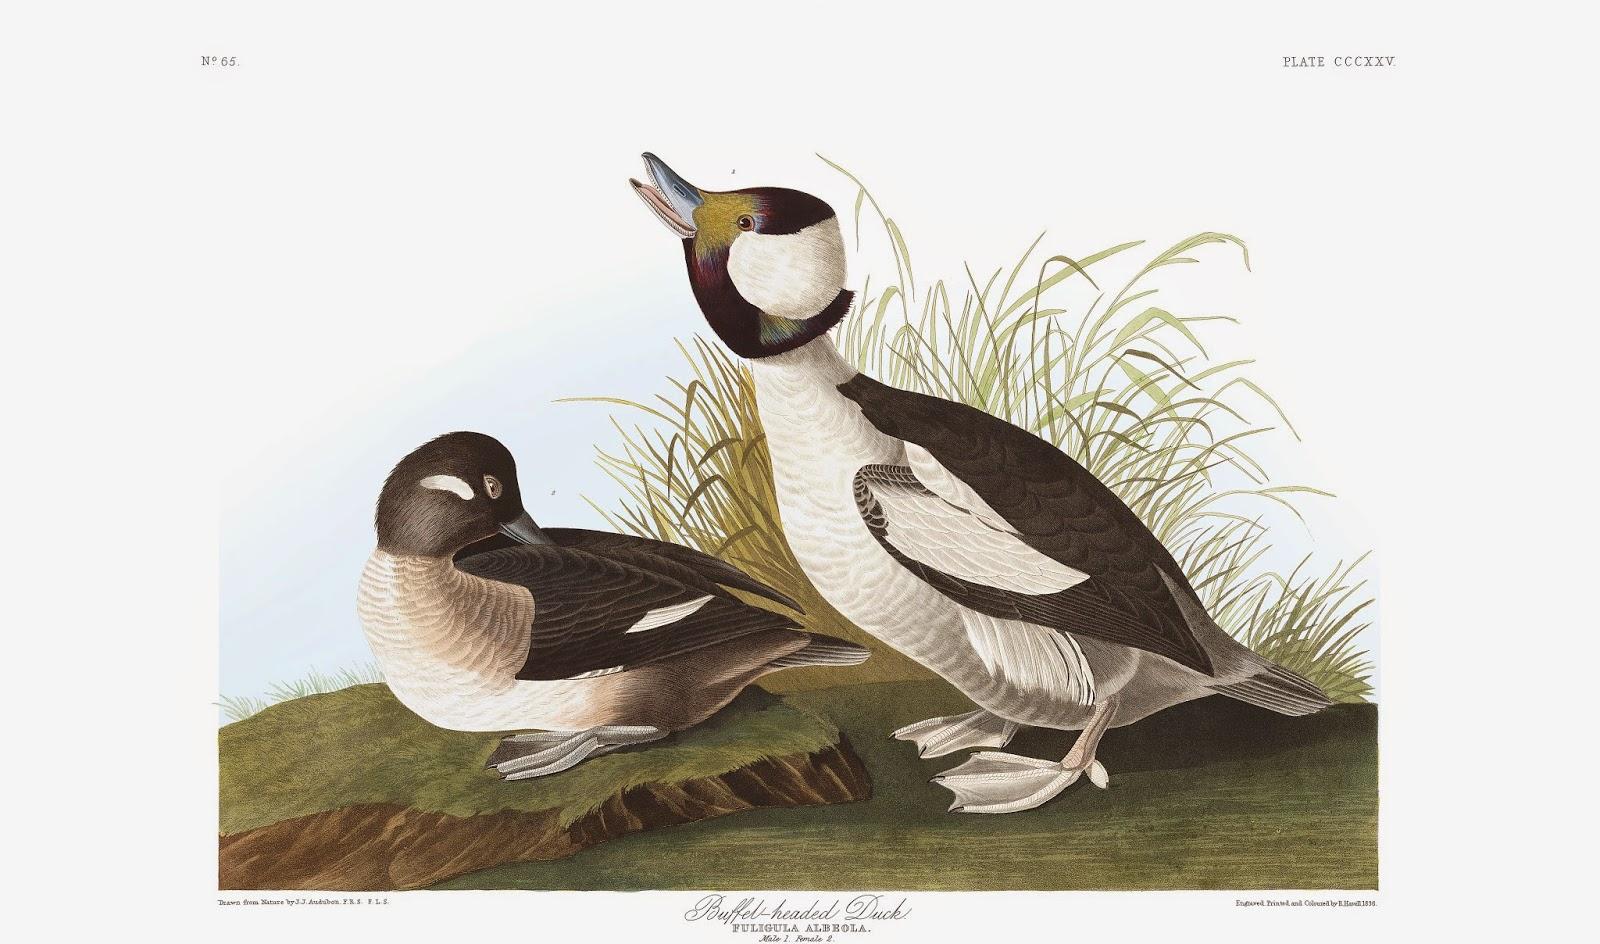 http://www.audubon.org/content/john-james-audubon